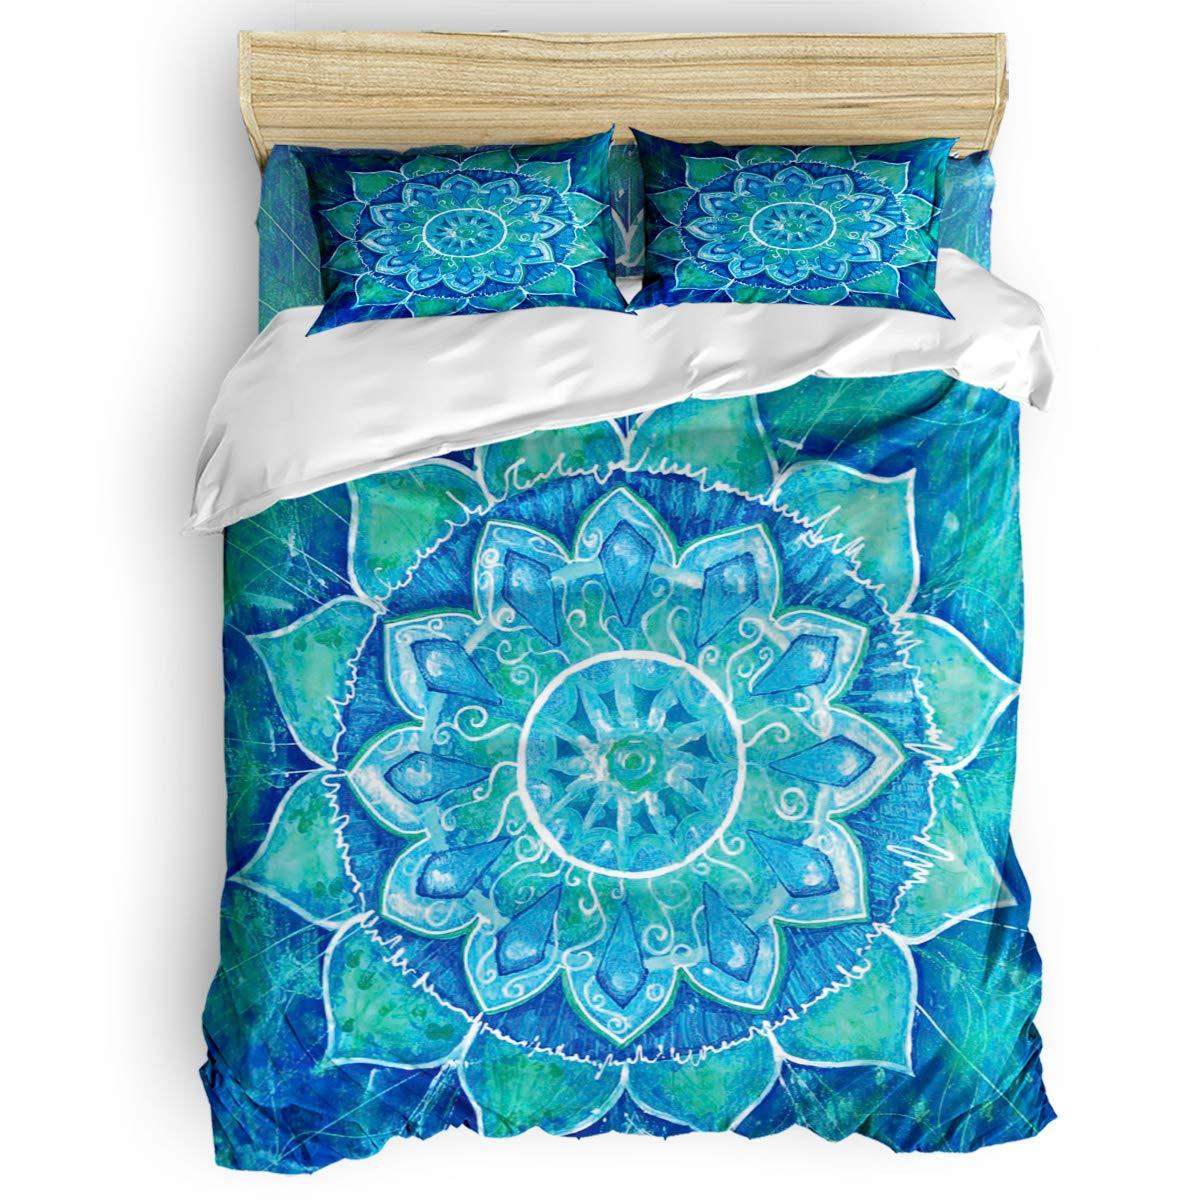 掛け布団カバー 4点セット ウッドボード上のモットー-the Beach is My Happy Place 寝具カバーセット ベッド用 べッドシーツ 枕カバー 洋式 和式兼用 布団カバー 肌に優しい 羽毛布団セット 100%ポリエステル セミダブル B07TF8XQW1 Flower48LAS2079 セミダブル